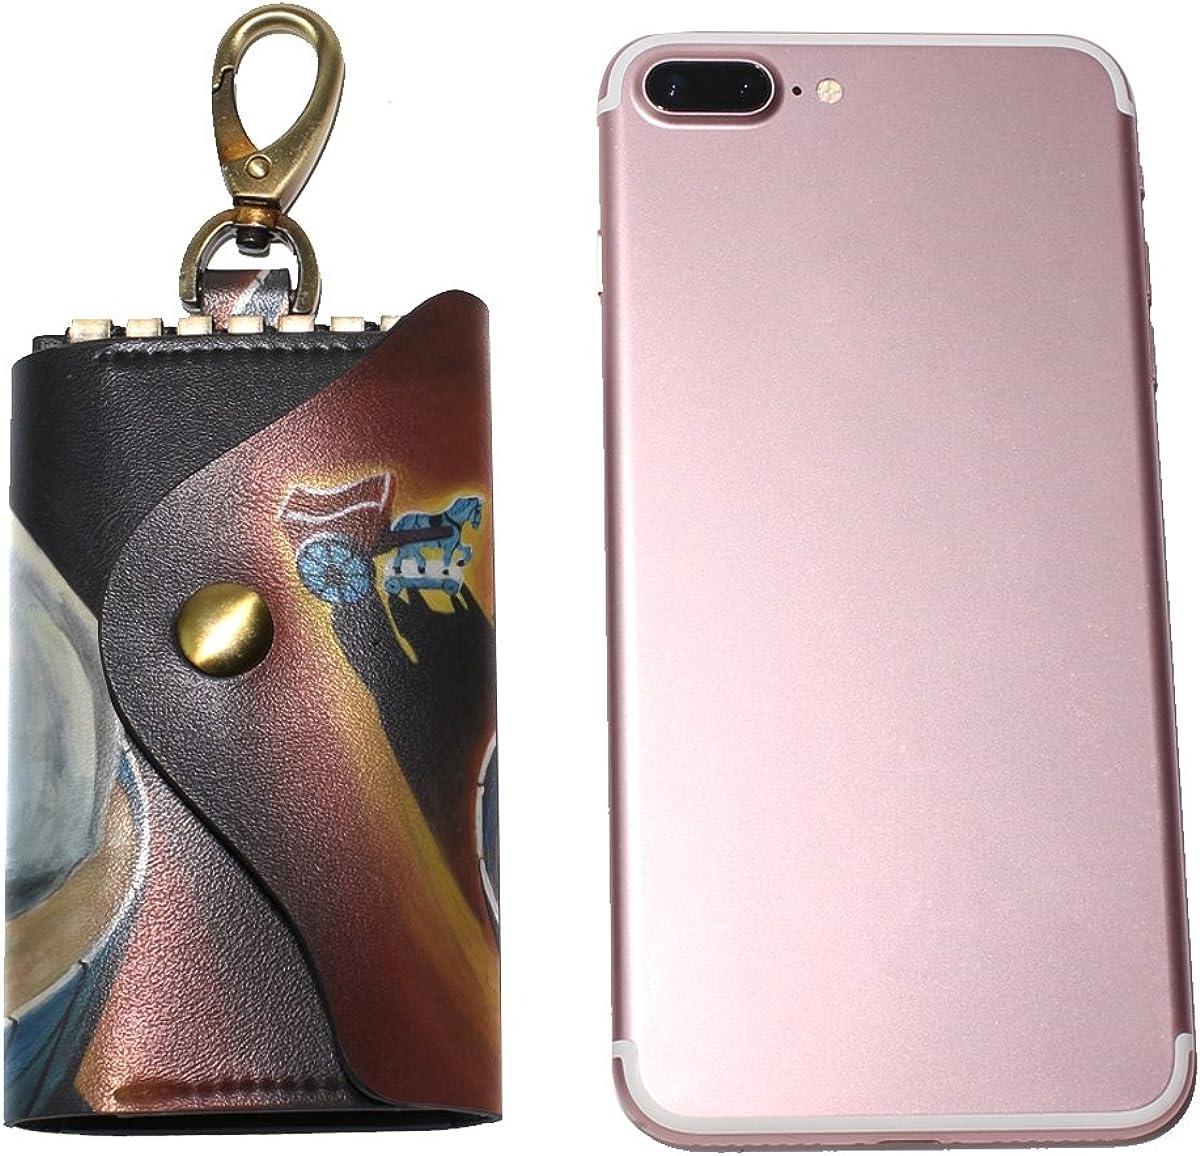 DEYYA Elephant In The Tub Art Painting Leather Key Case Wallets Unisex Keychain Key Holder with 6 Hooks Snap Closure